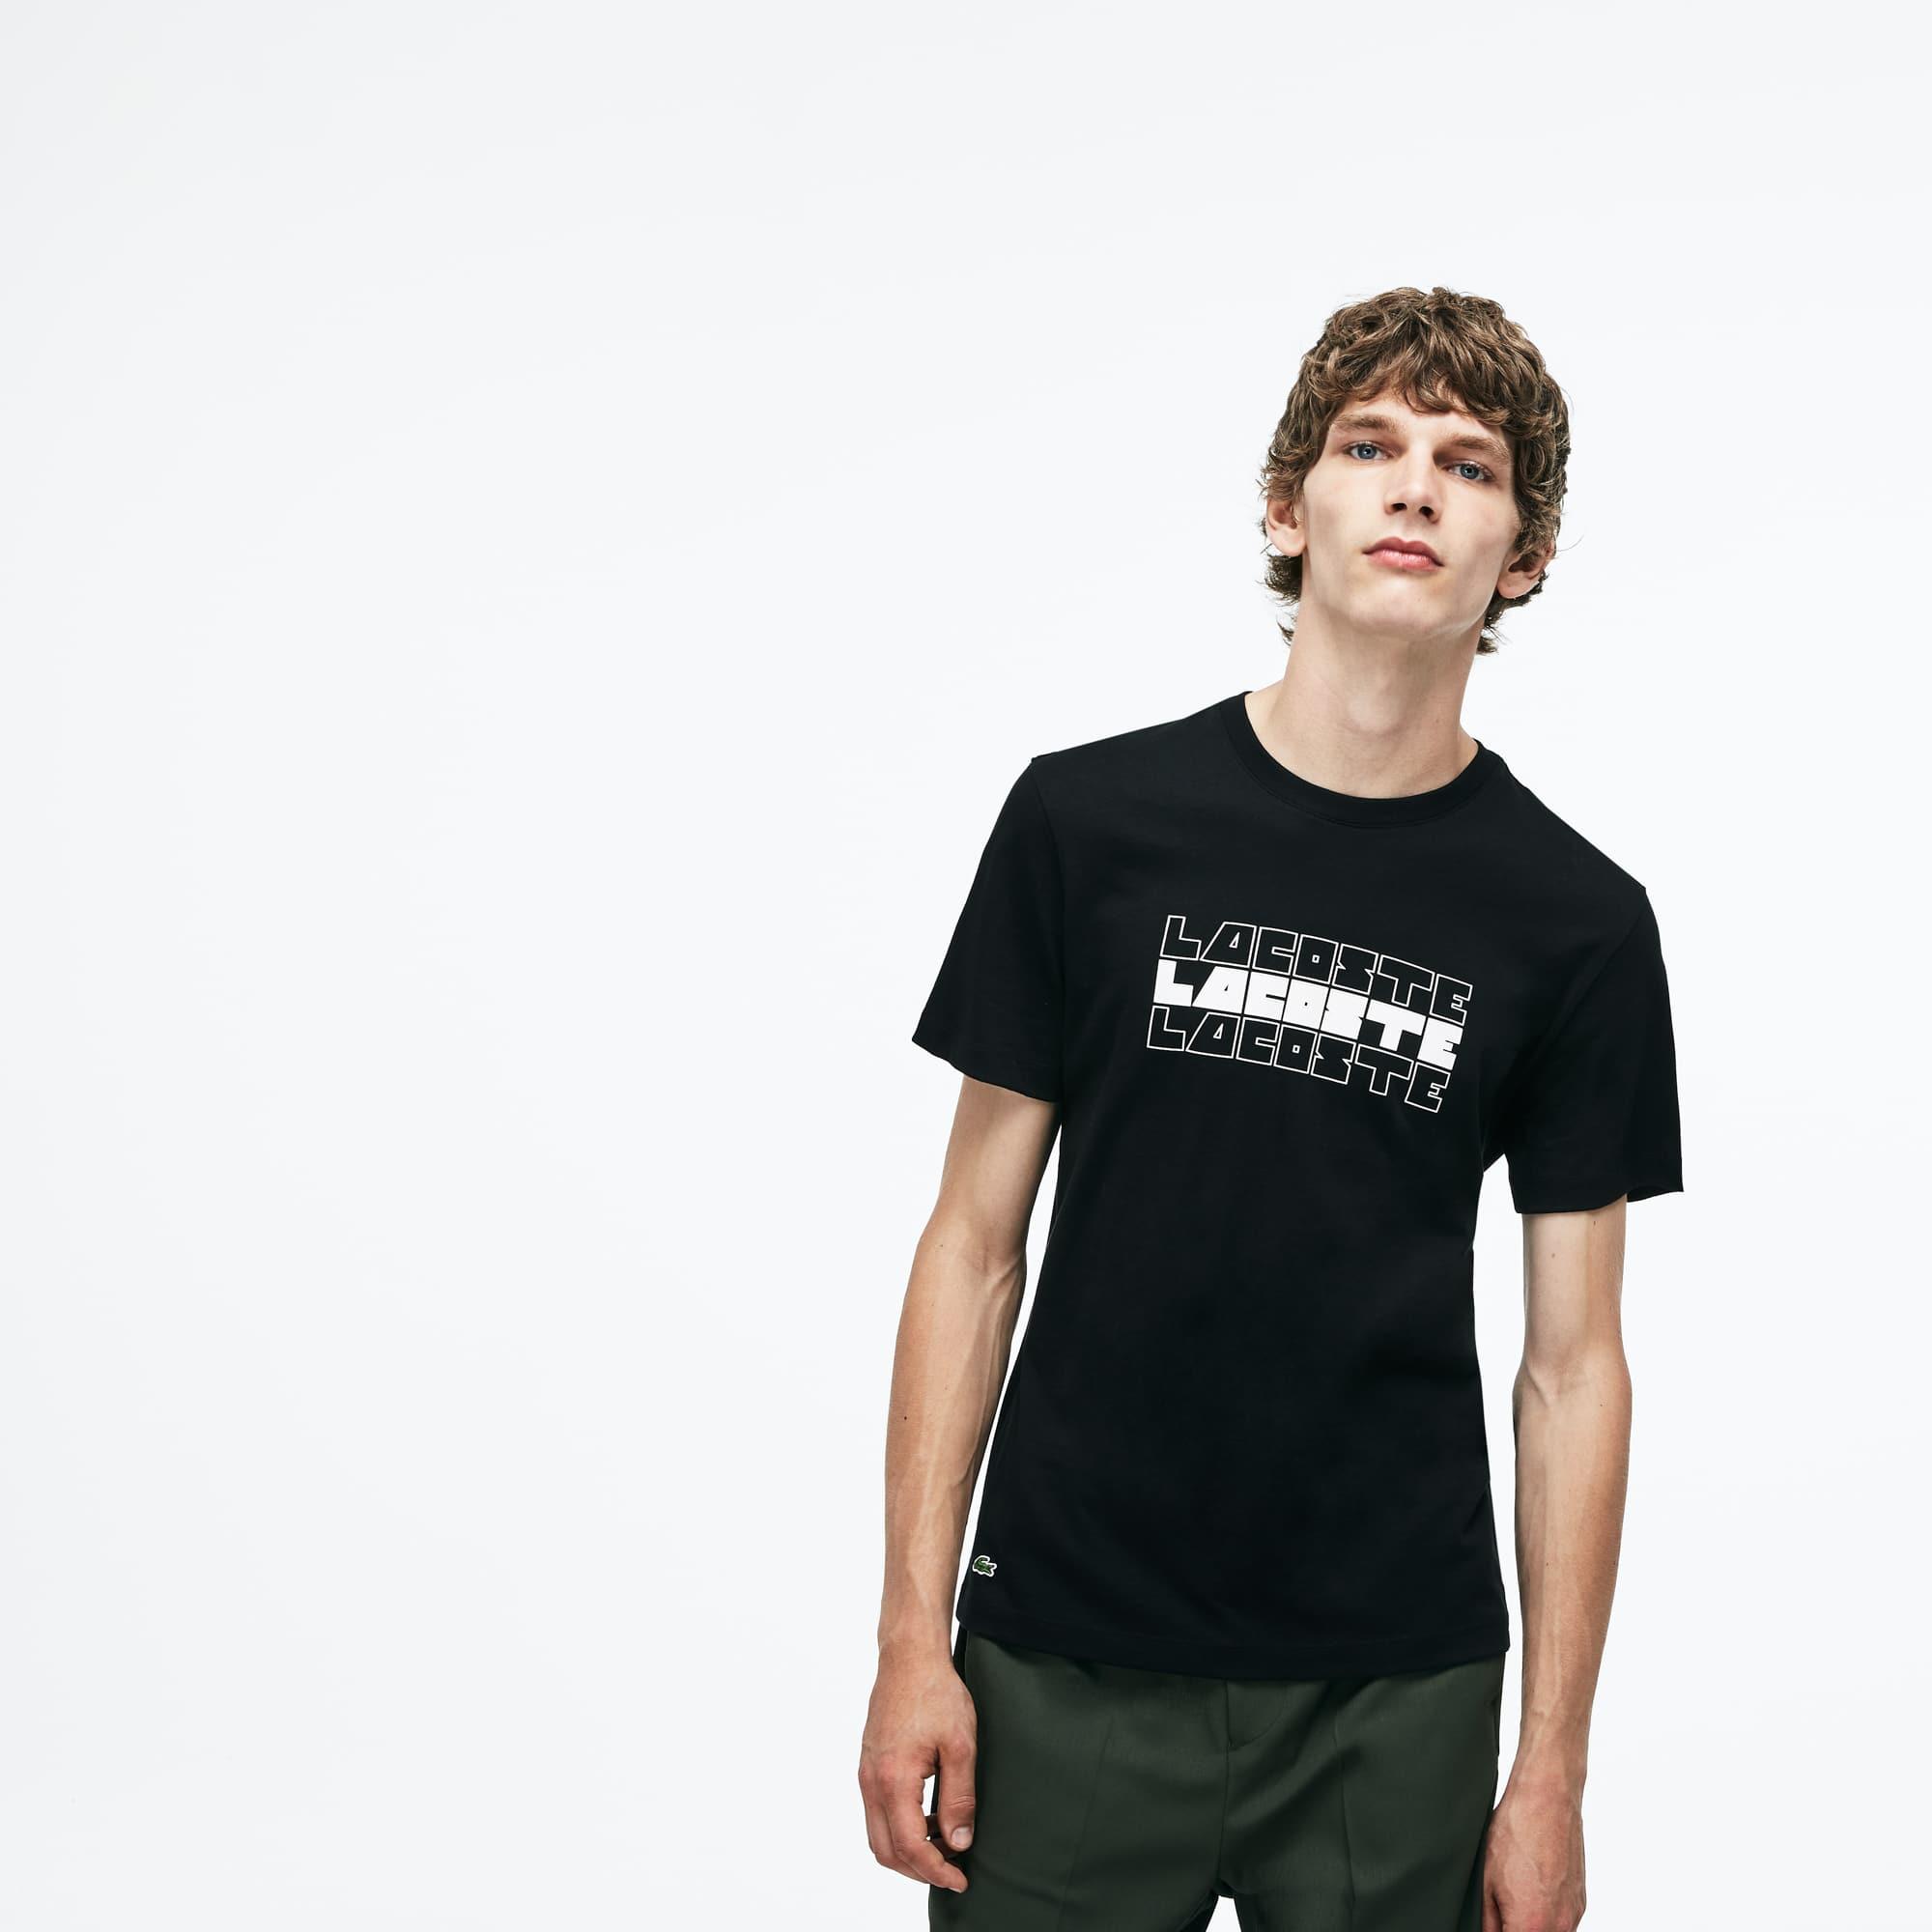 Men's Crew Neck Lettering Cotton Jersey T-shirt